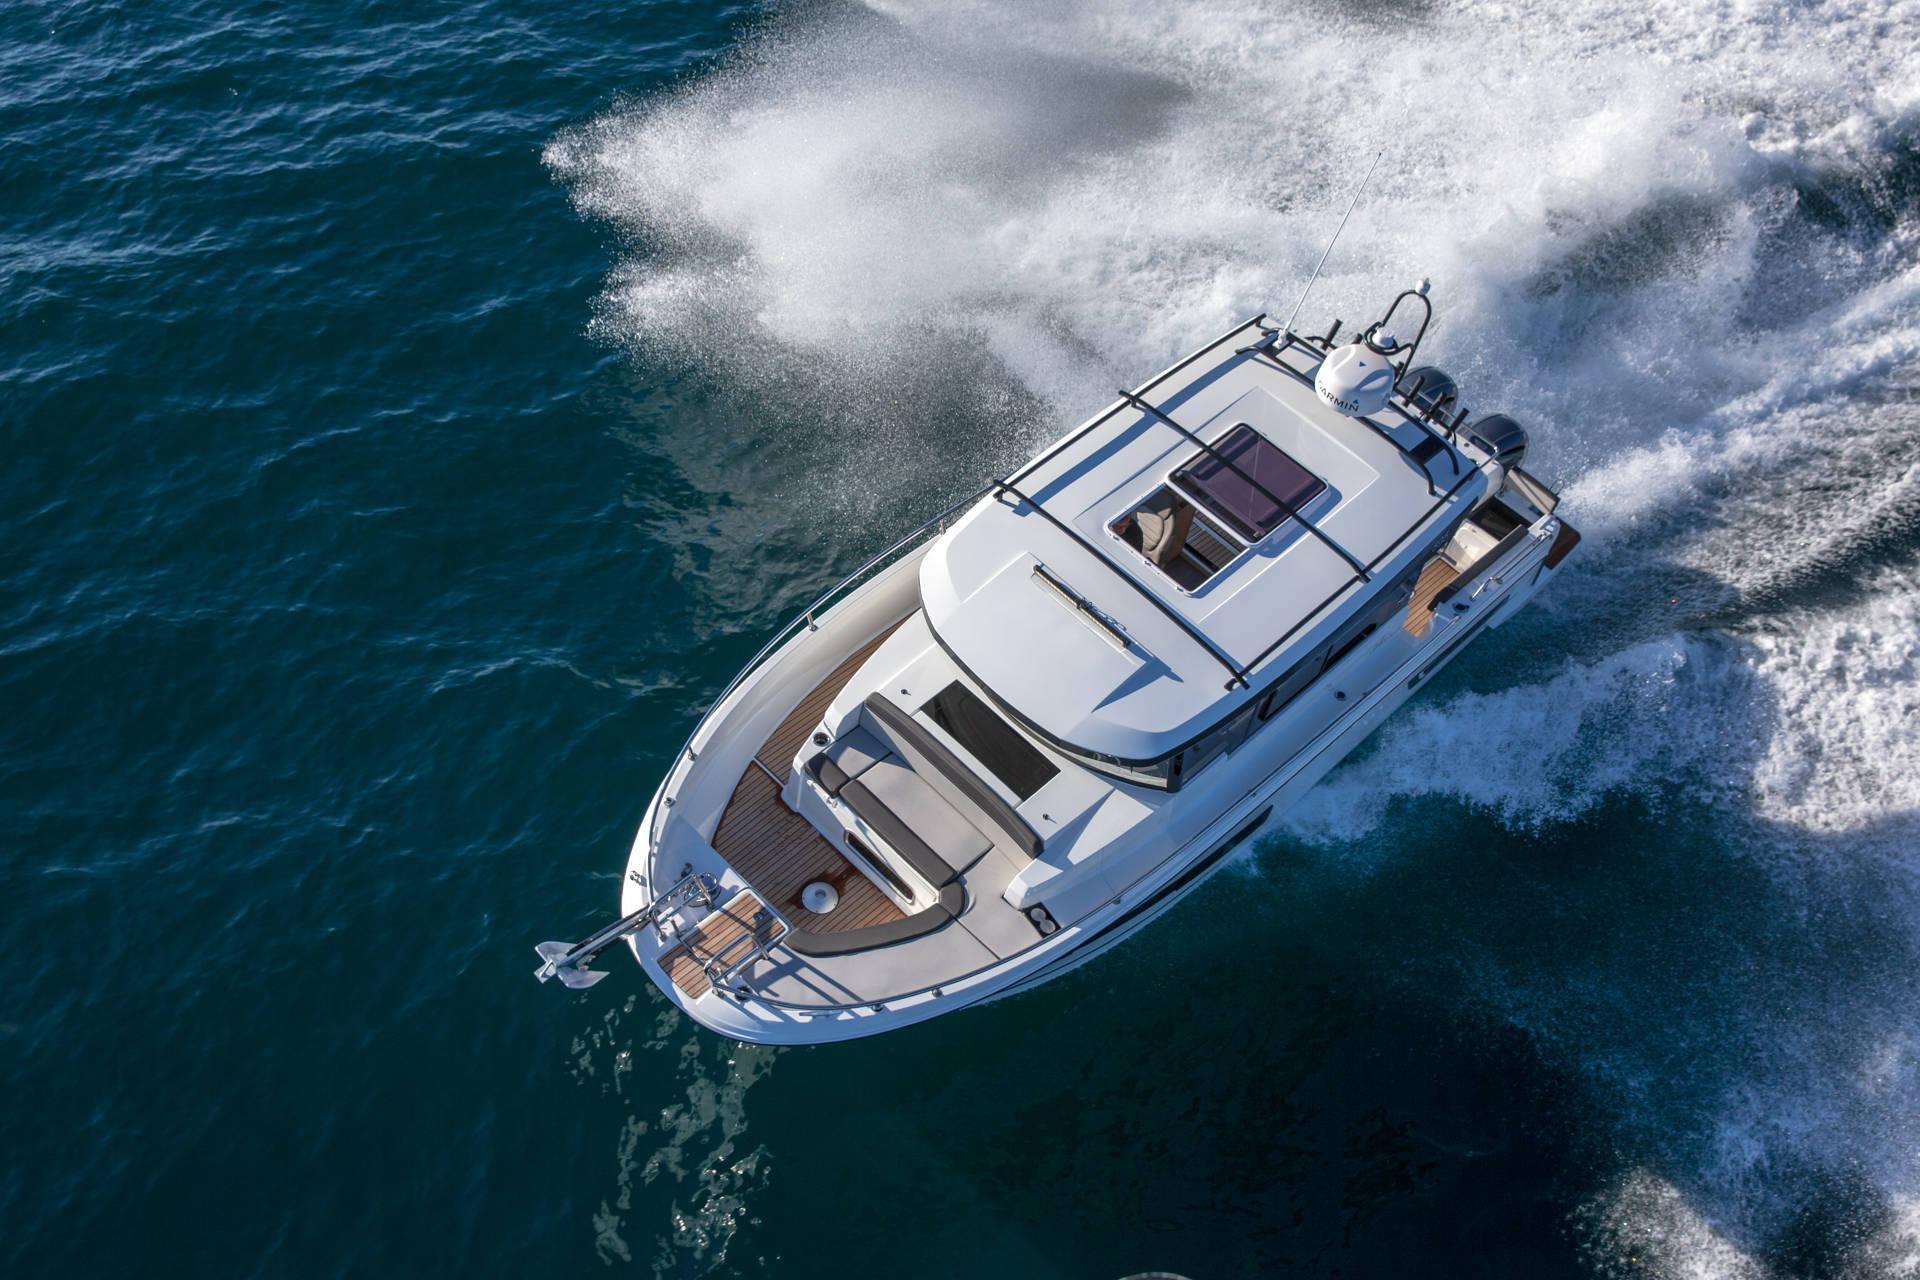 mf 895 marlin jeanneau motor boat